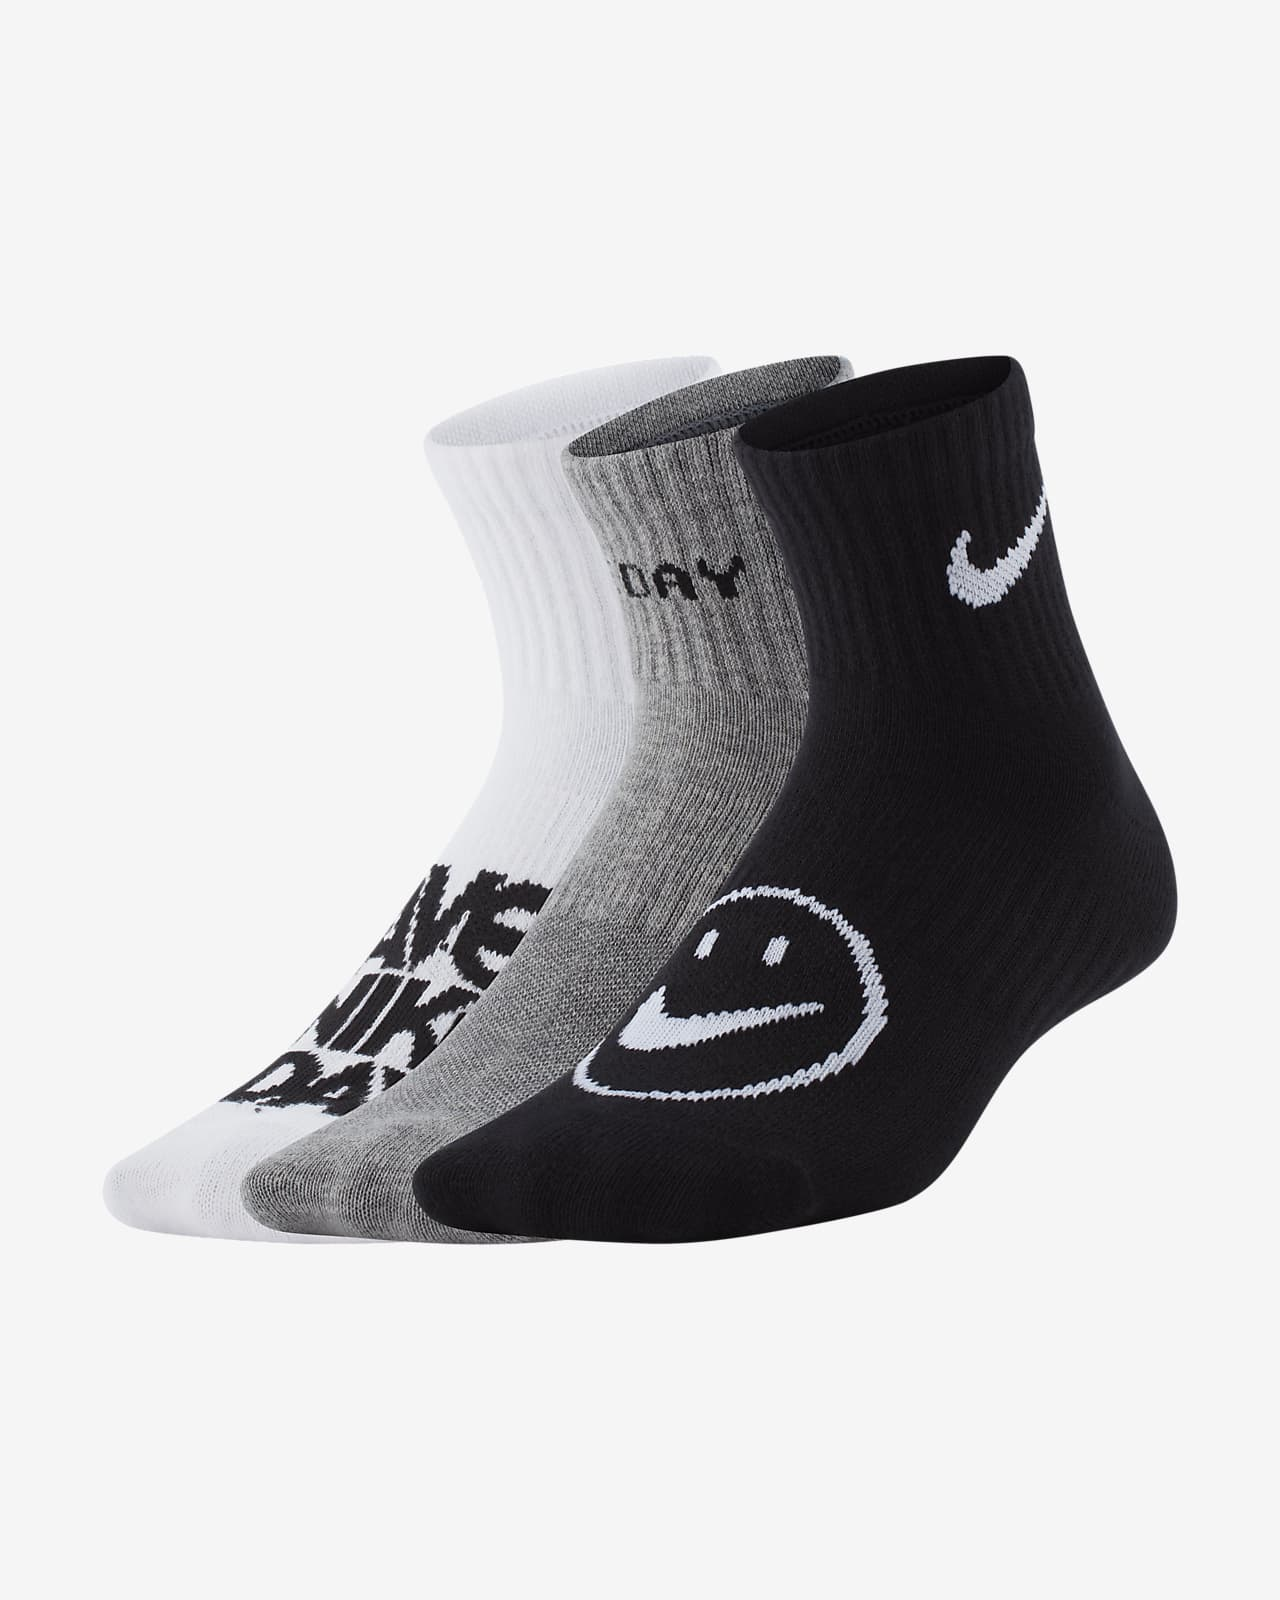 Meias pelo tornozelo leves Nike Everyday Júnior (3 pares)